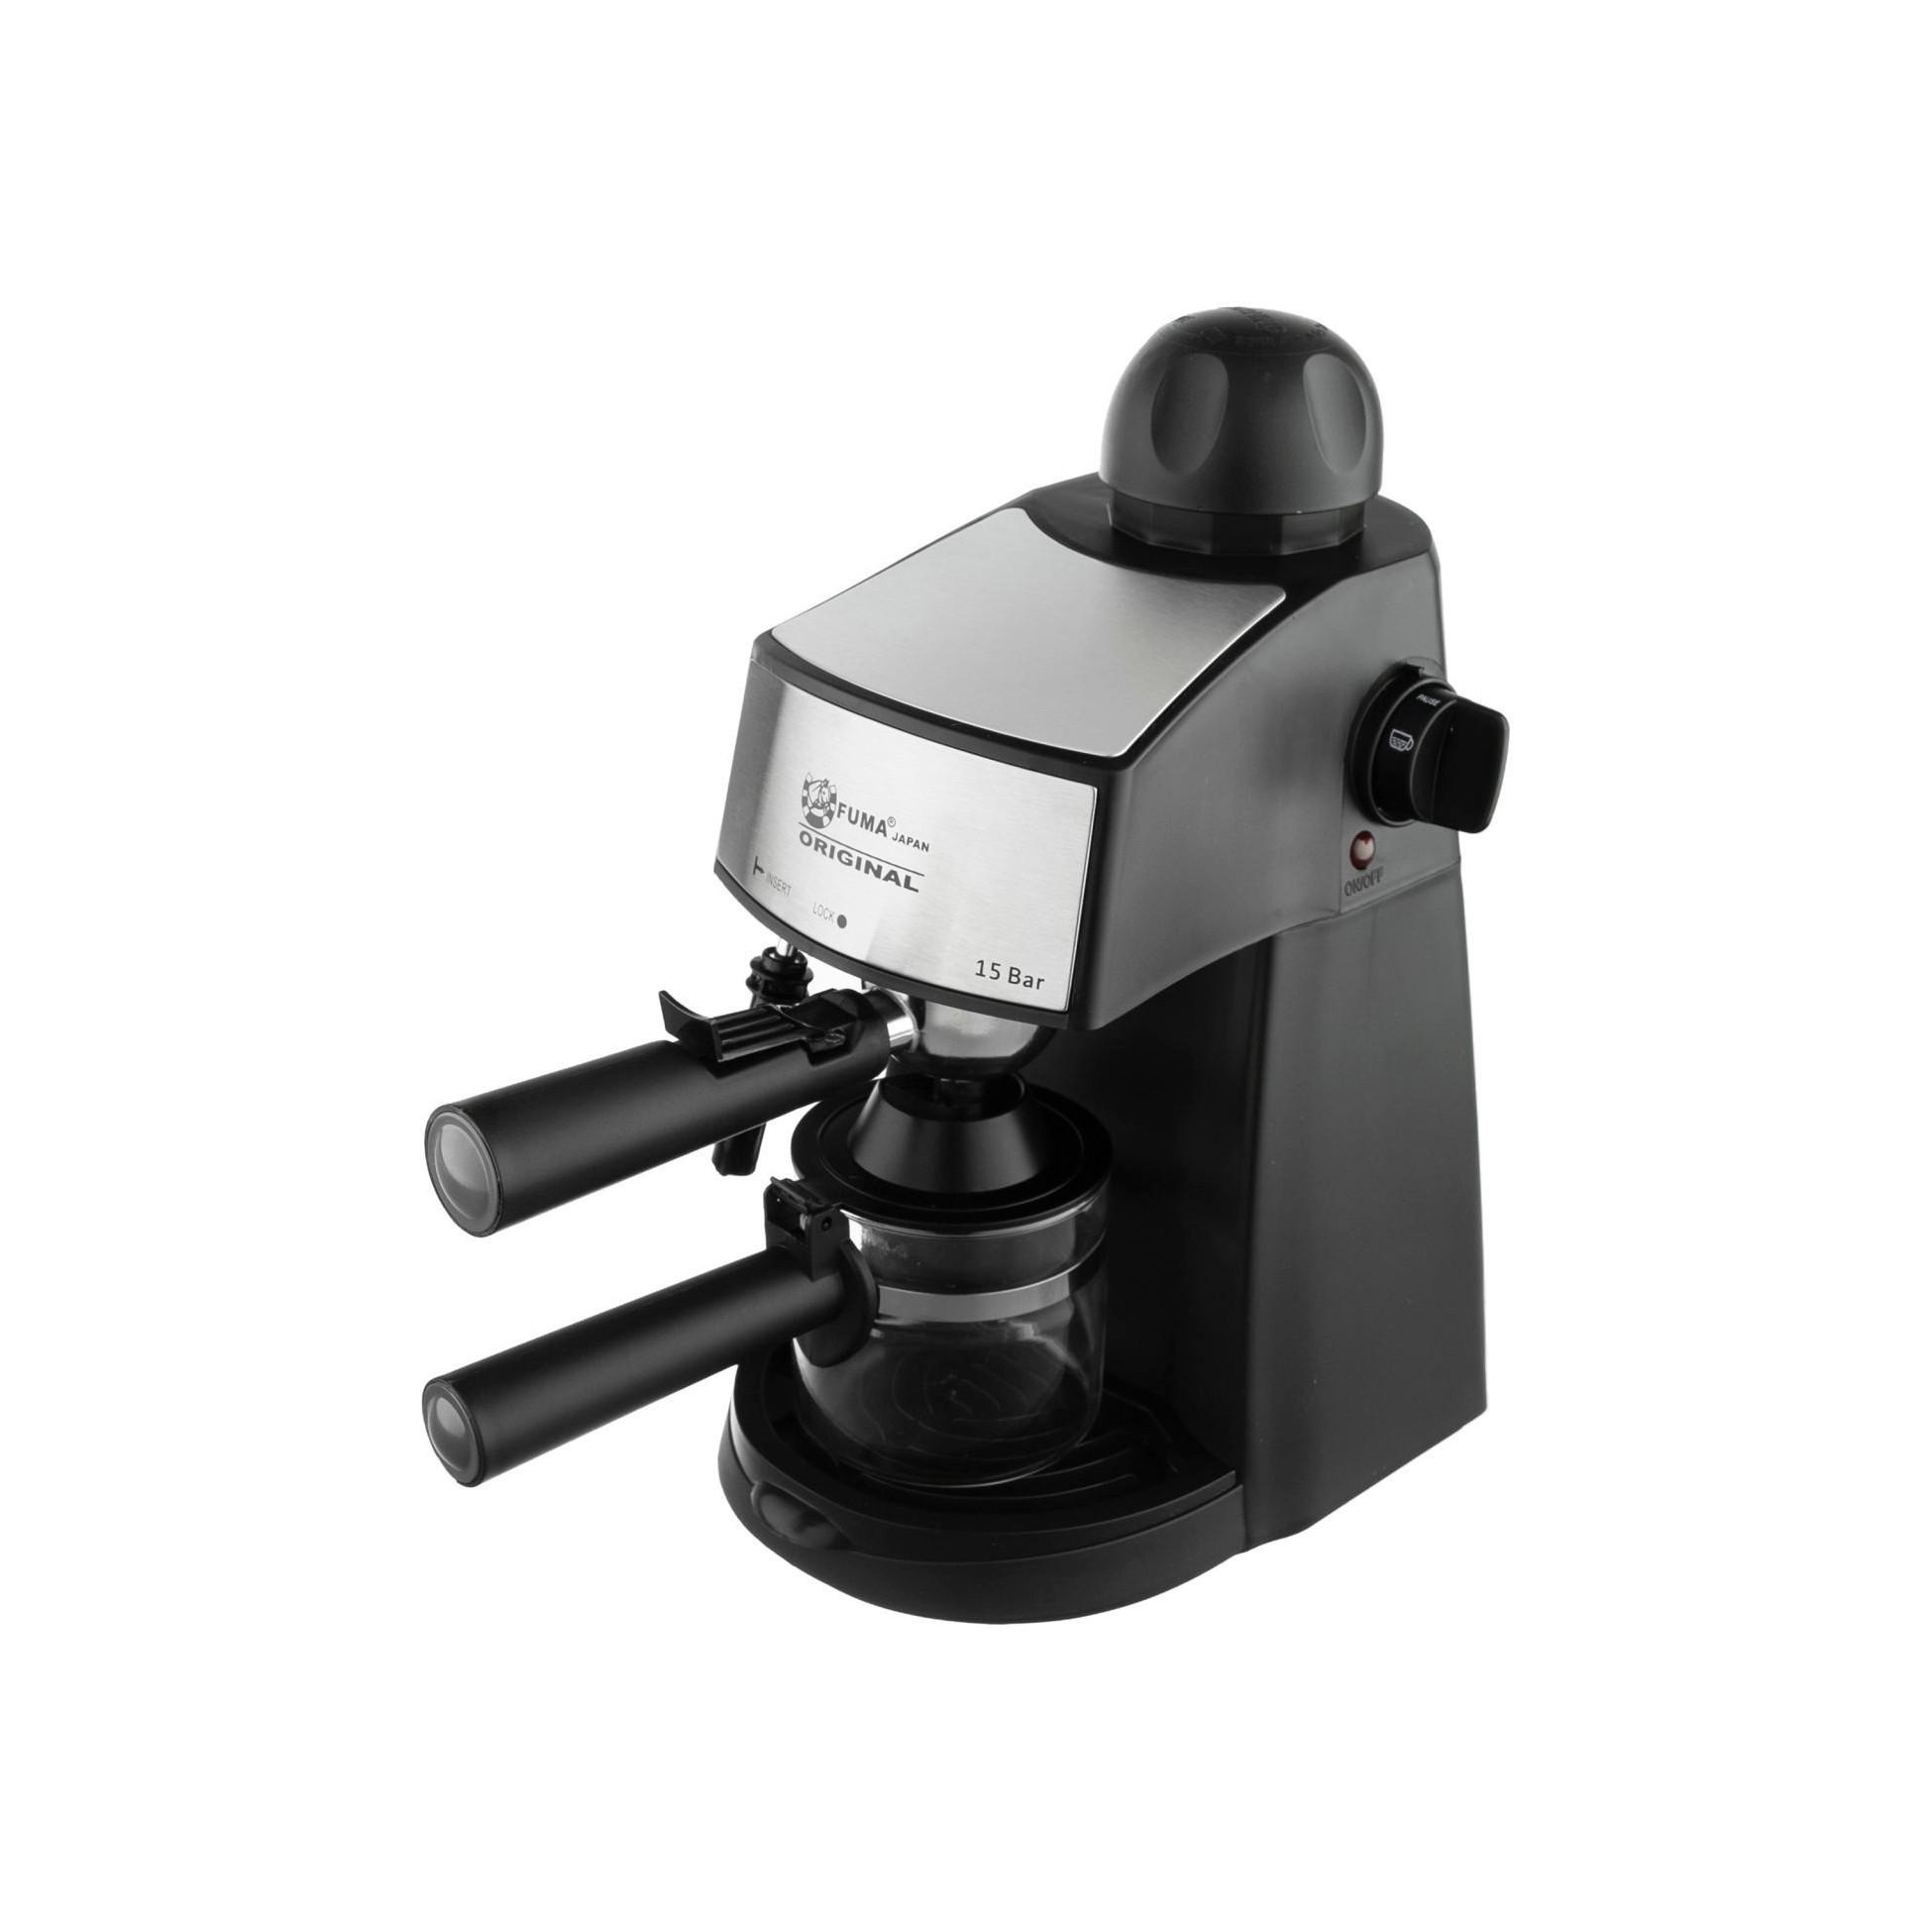 اسپرسوساز فوما مدل FU 1512 - FUMA FU-1512 15Bar Espresso , Coffee Maker